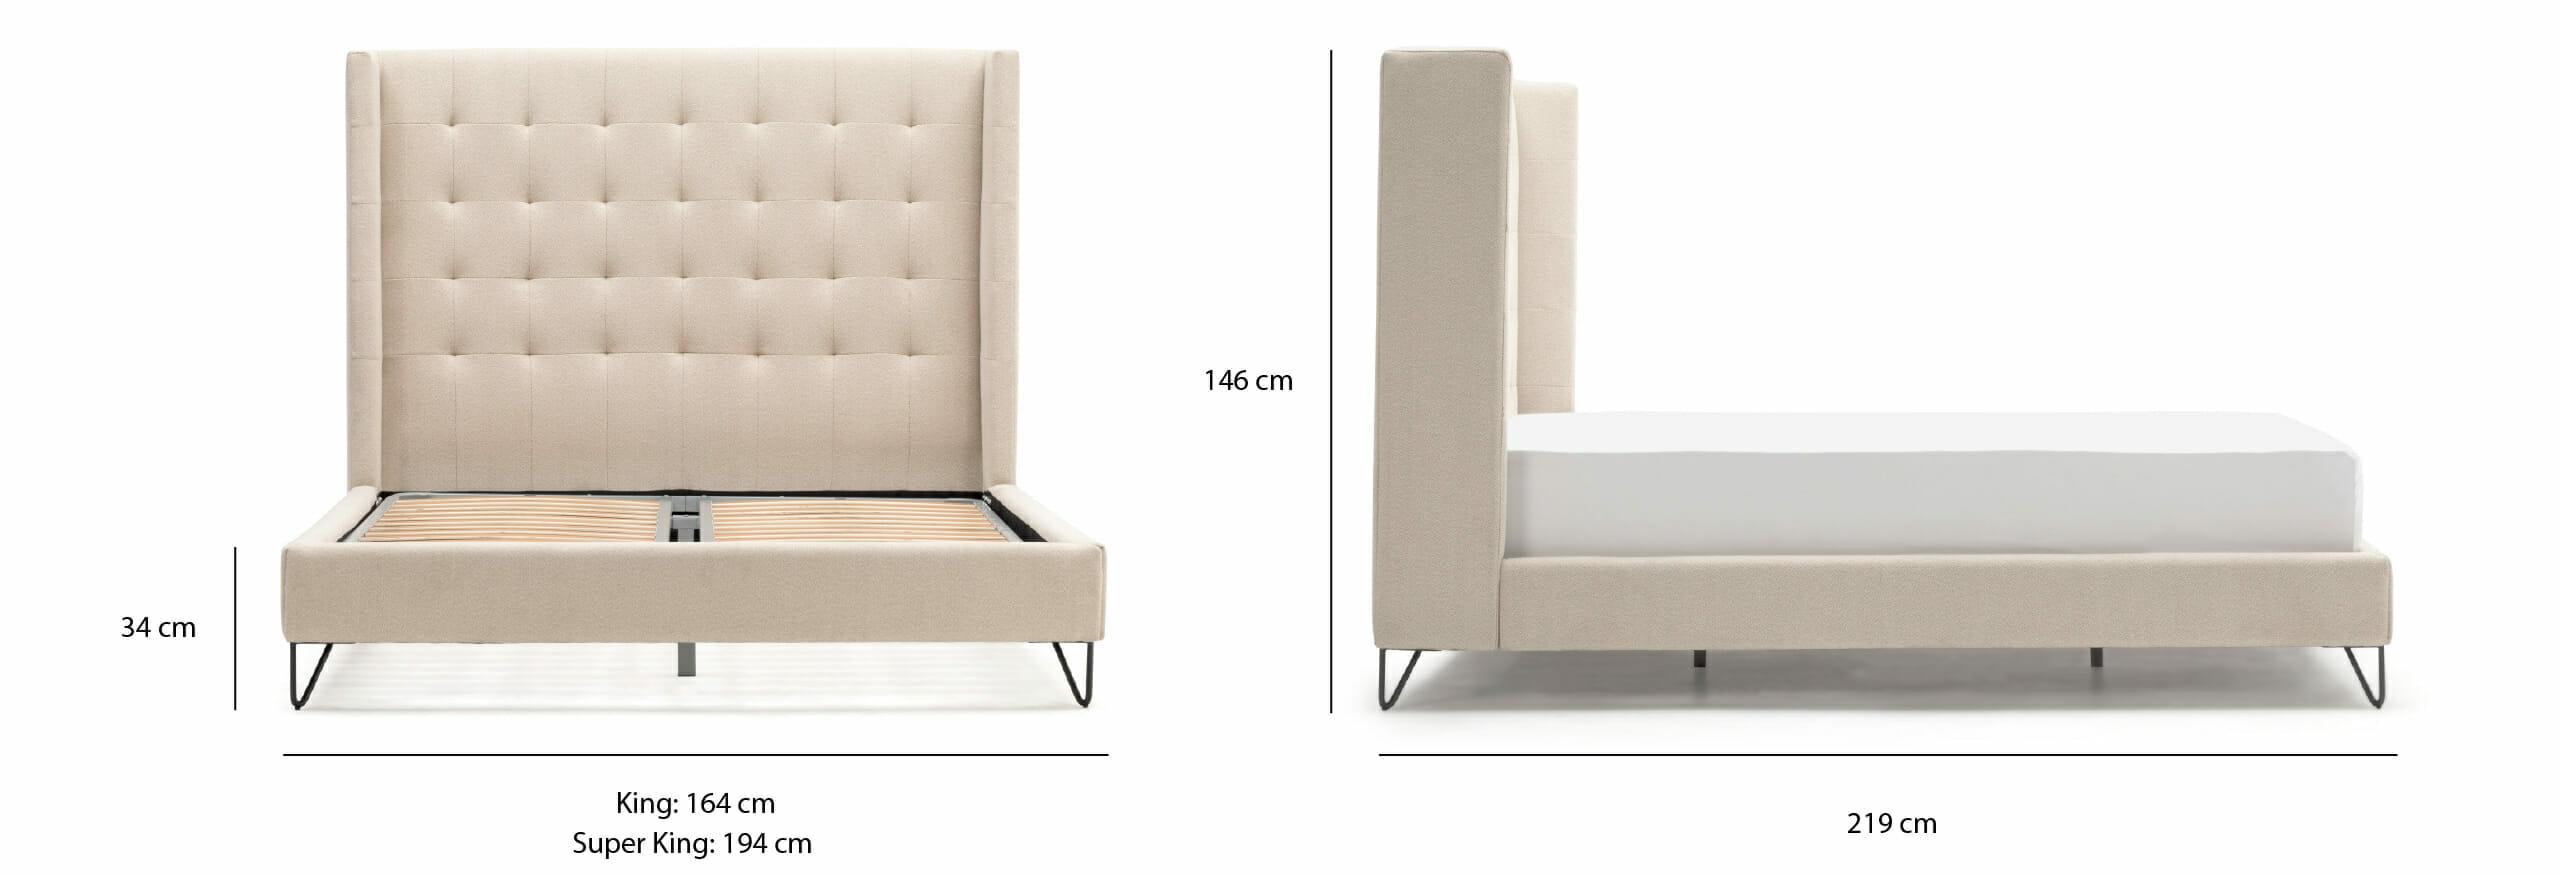 Noa Venice bed dimensions (UK)